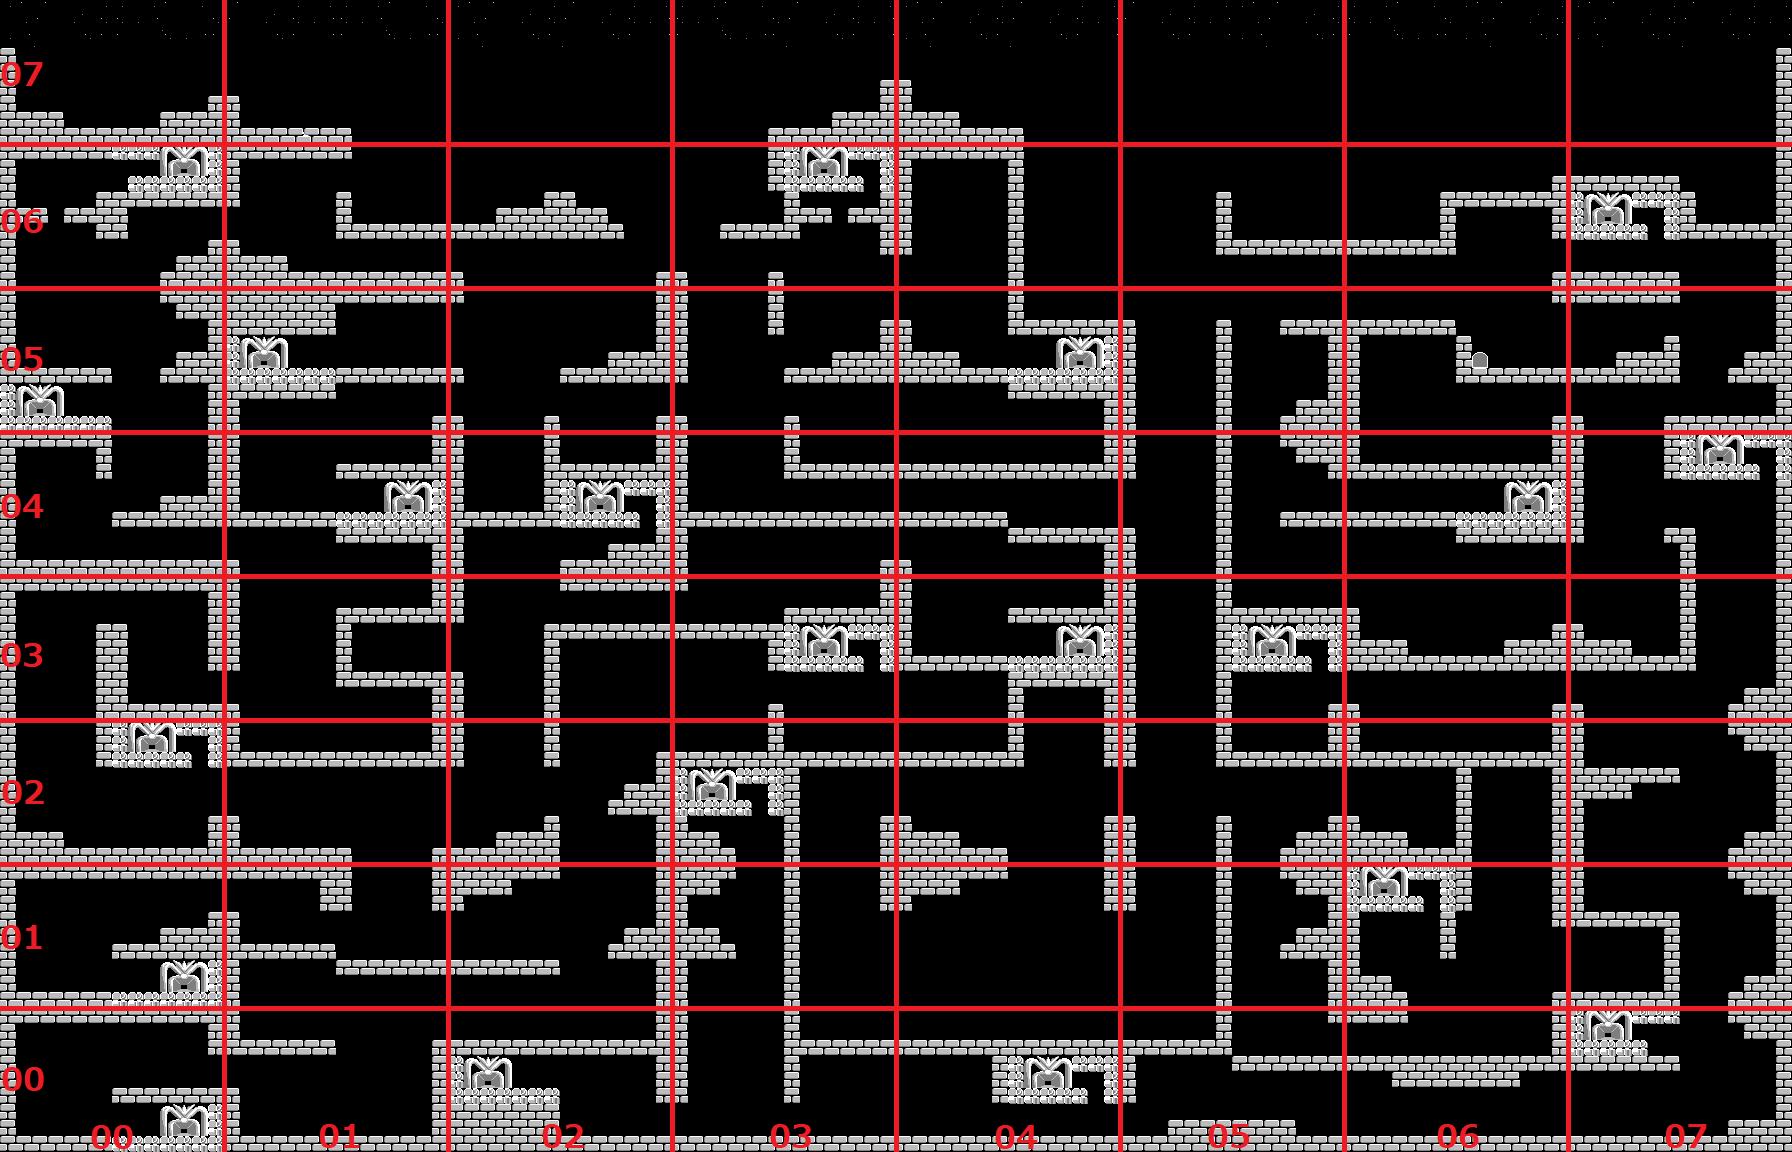 スペースハンターのプレイ日記5:レトロゲーム(ファミコン)_挿絵1